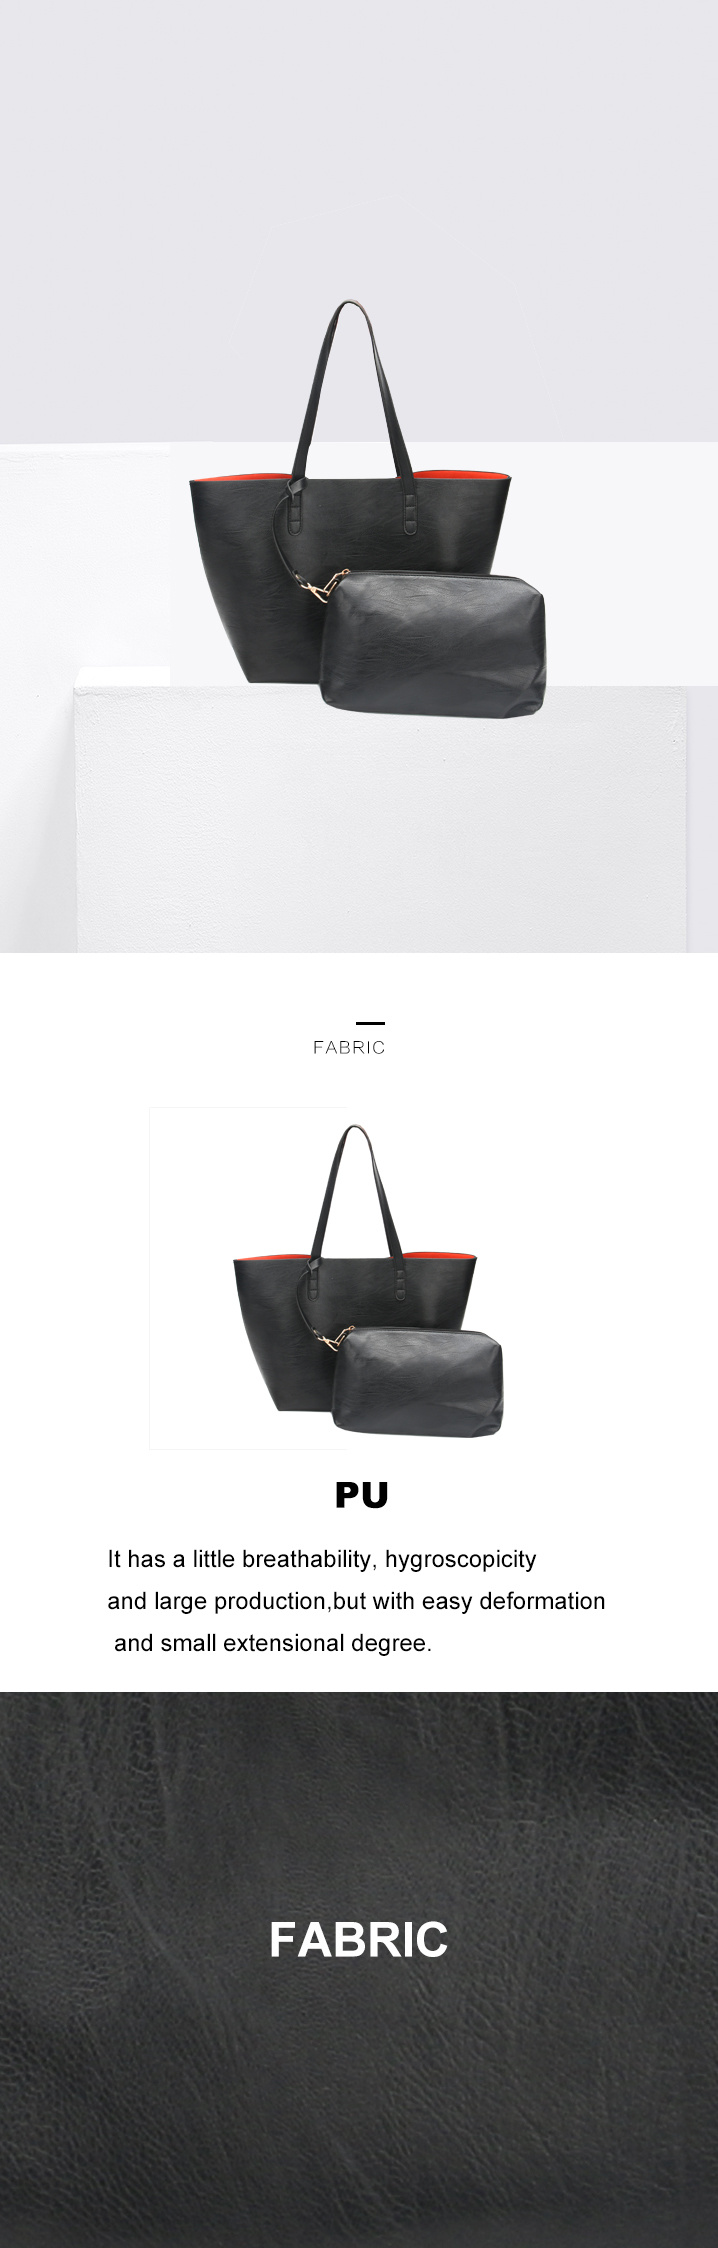 Moda Popular PU bolso de cuero de diseño de bolsos Dama de la bolsa ...